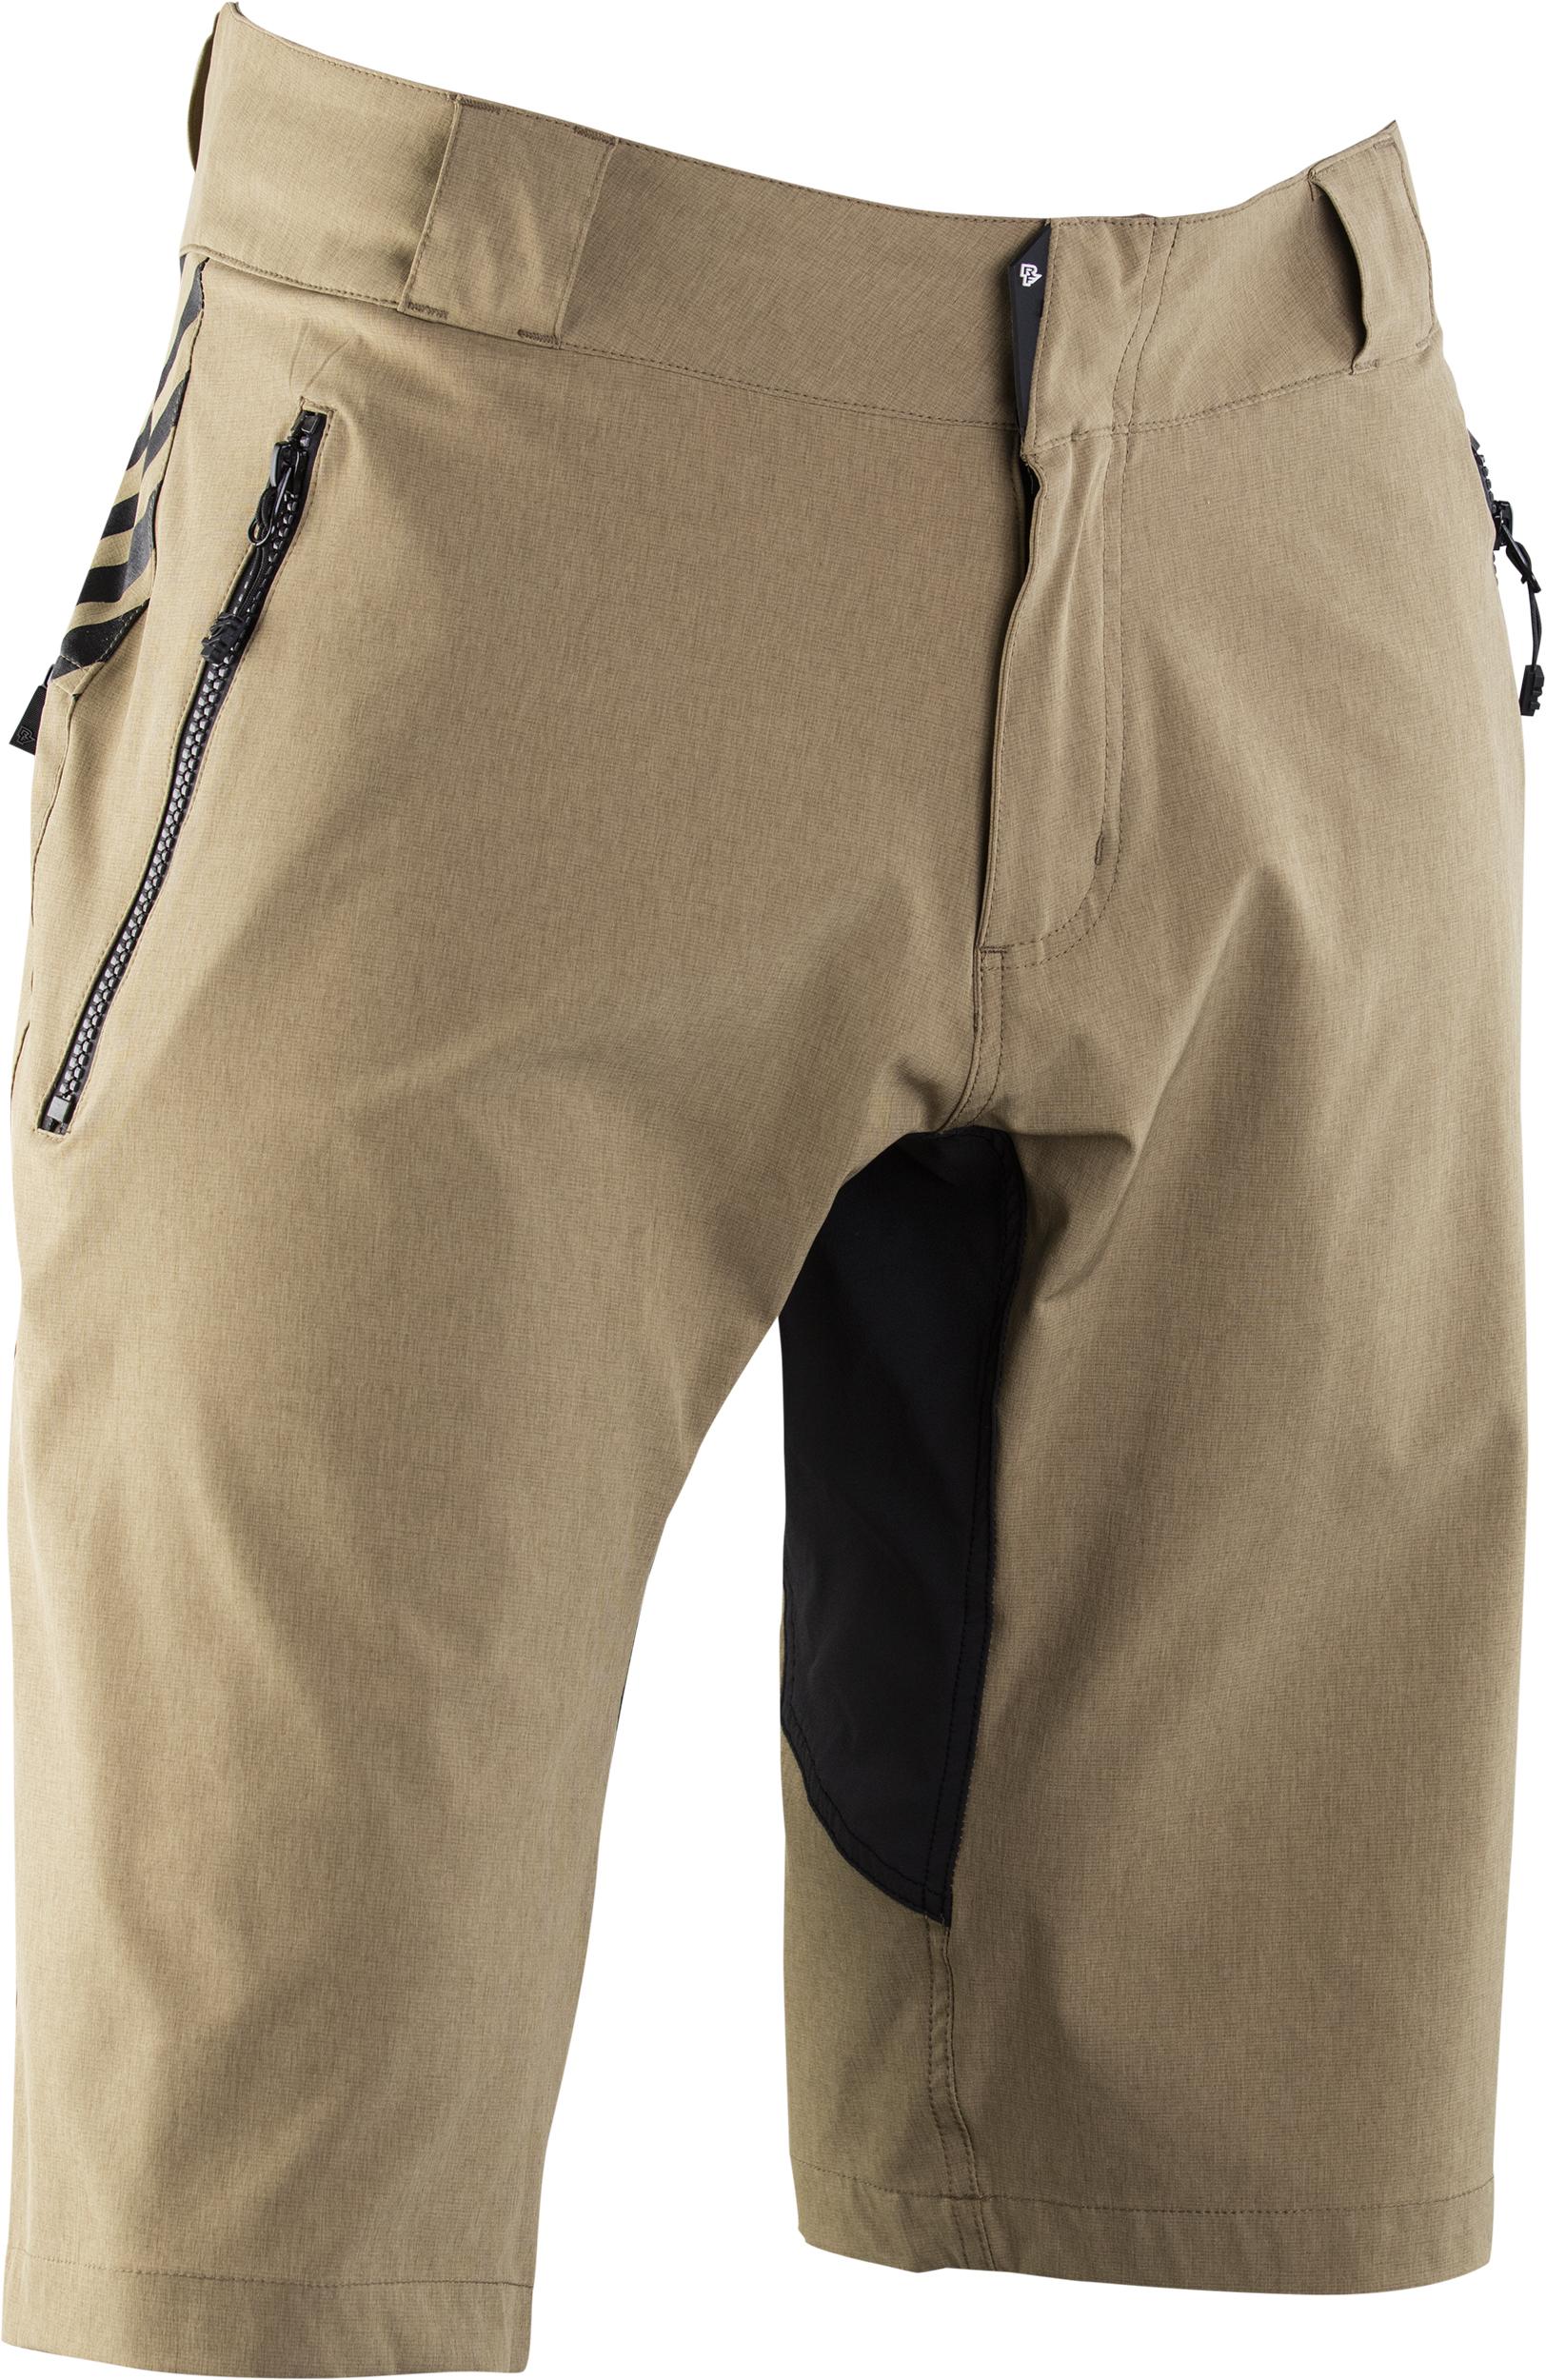 36f6f39d755 Cycling shorts for Mountain biking